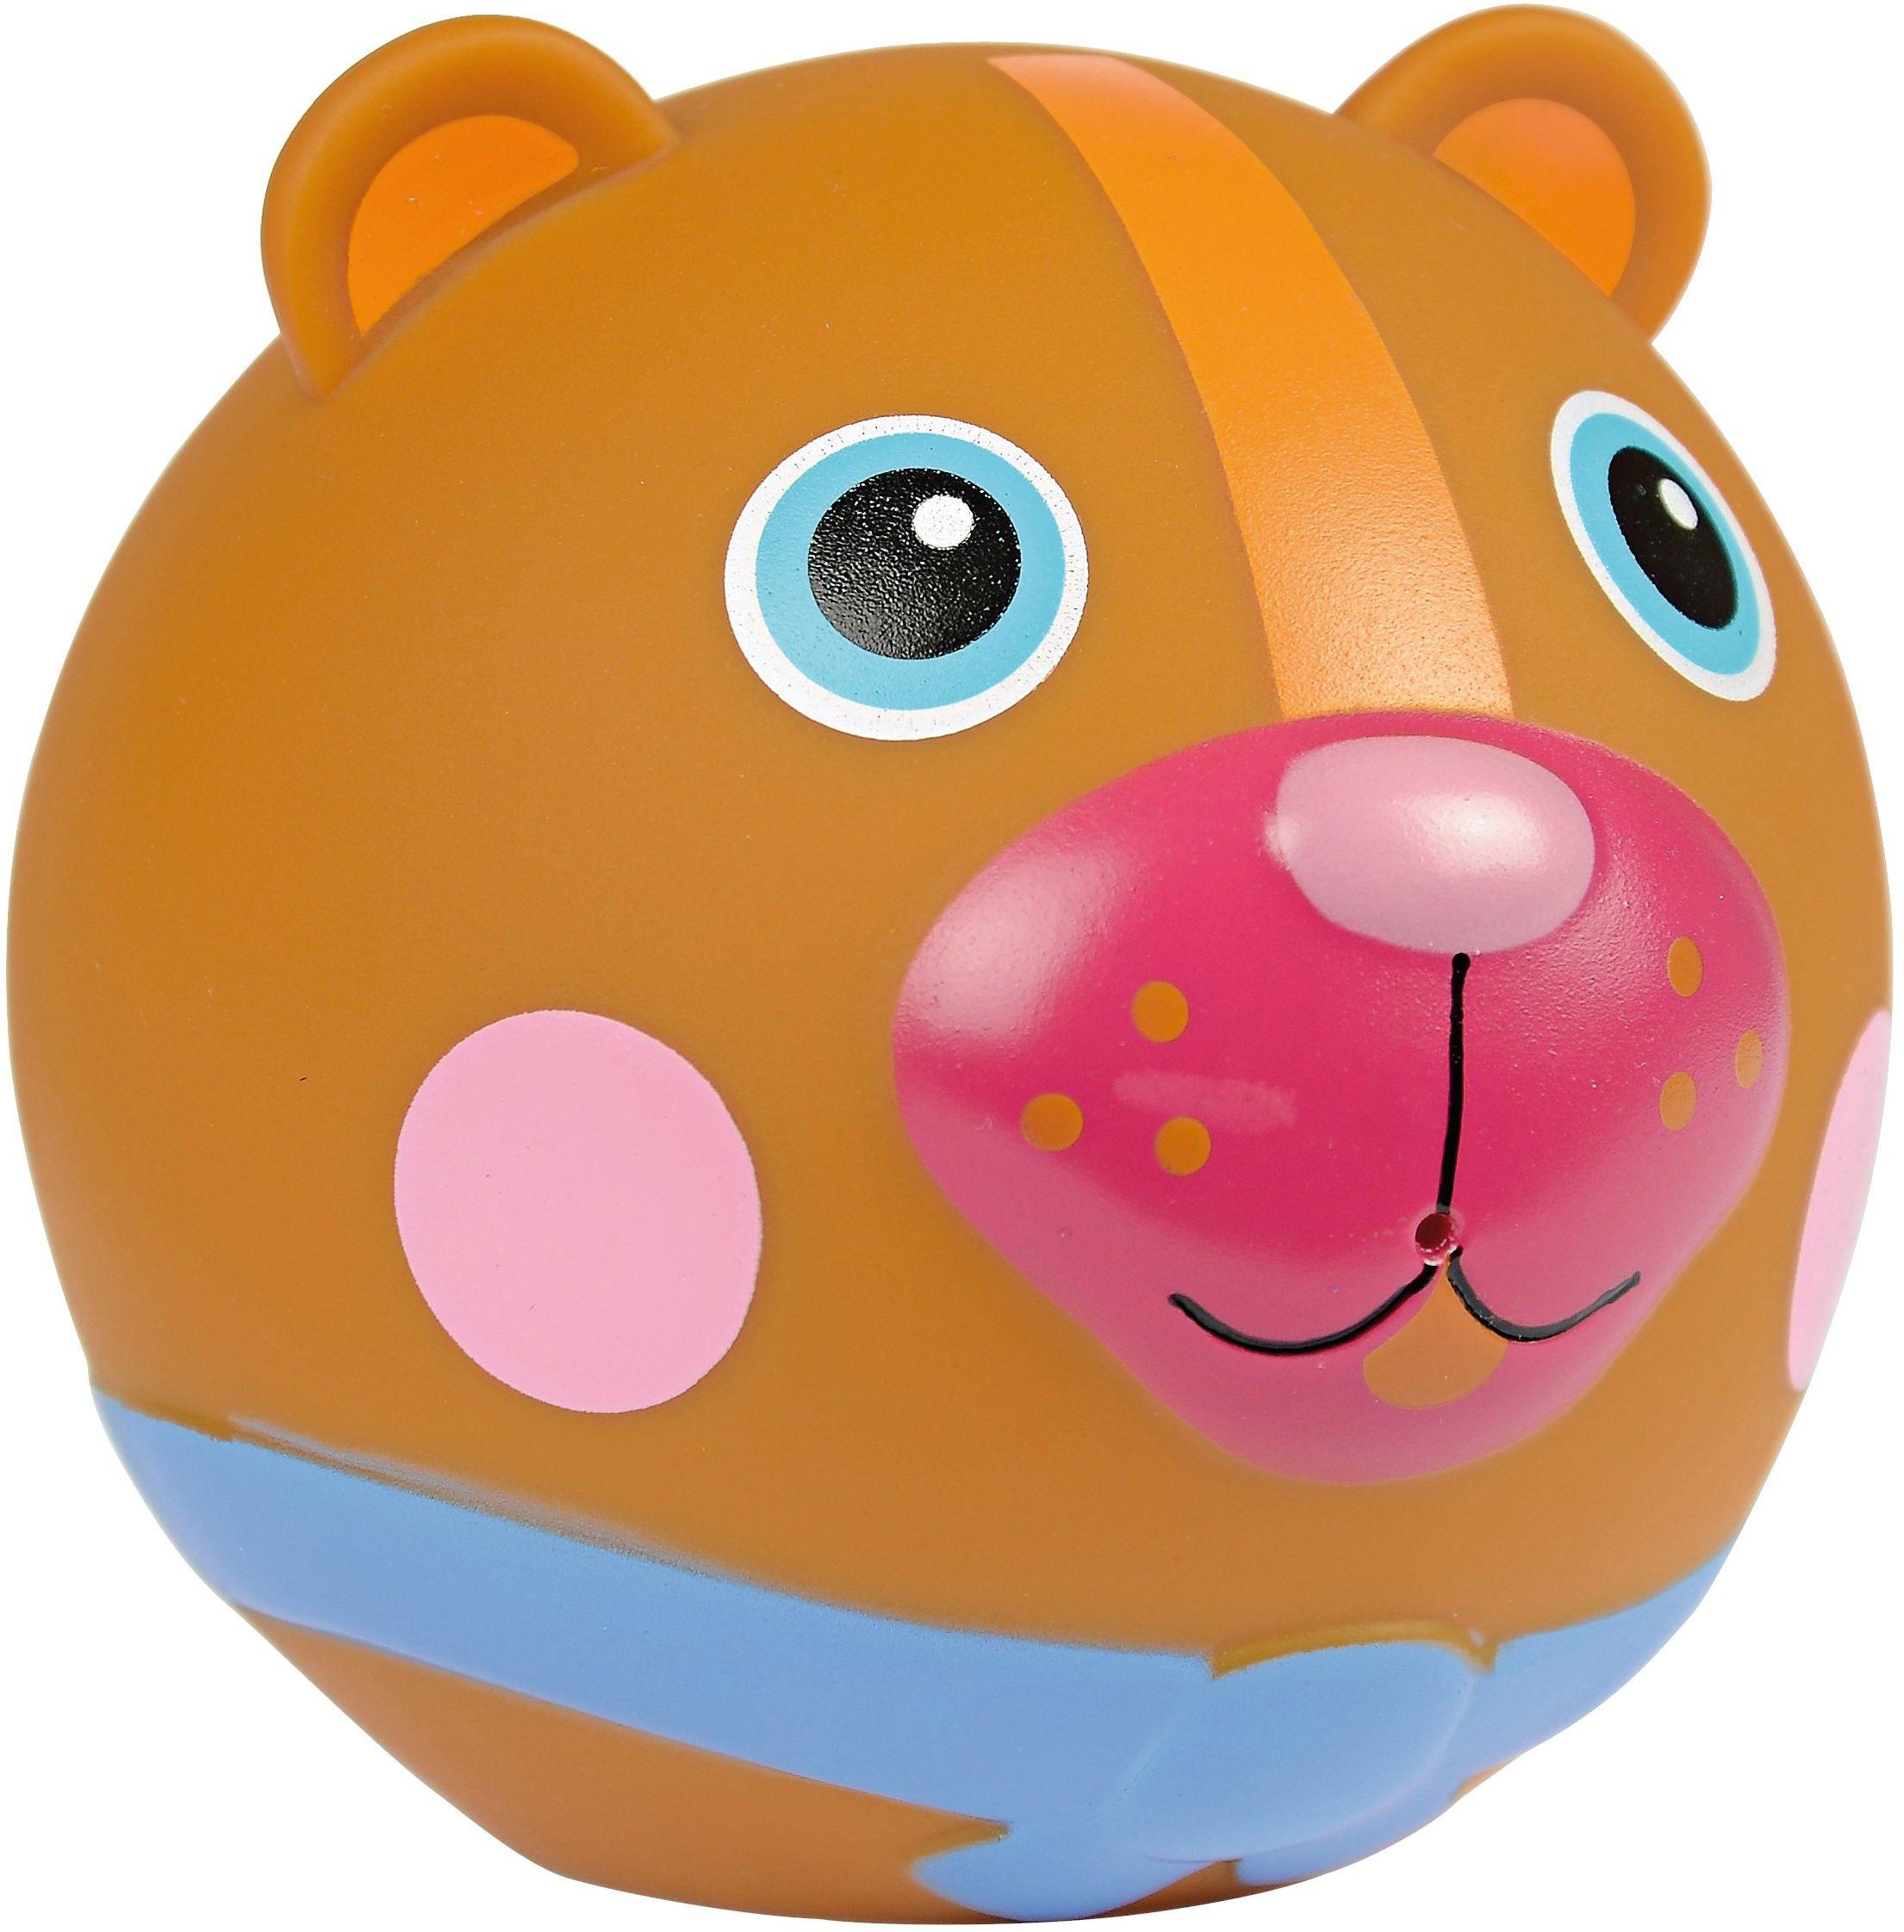 Oops Nb-15001.10fr zabawka kąpielowa, niedźwiedź, ślimak